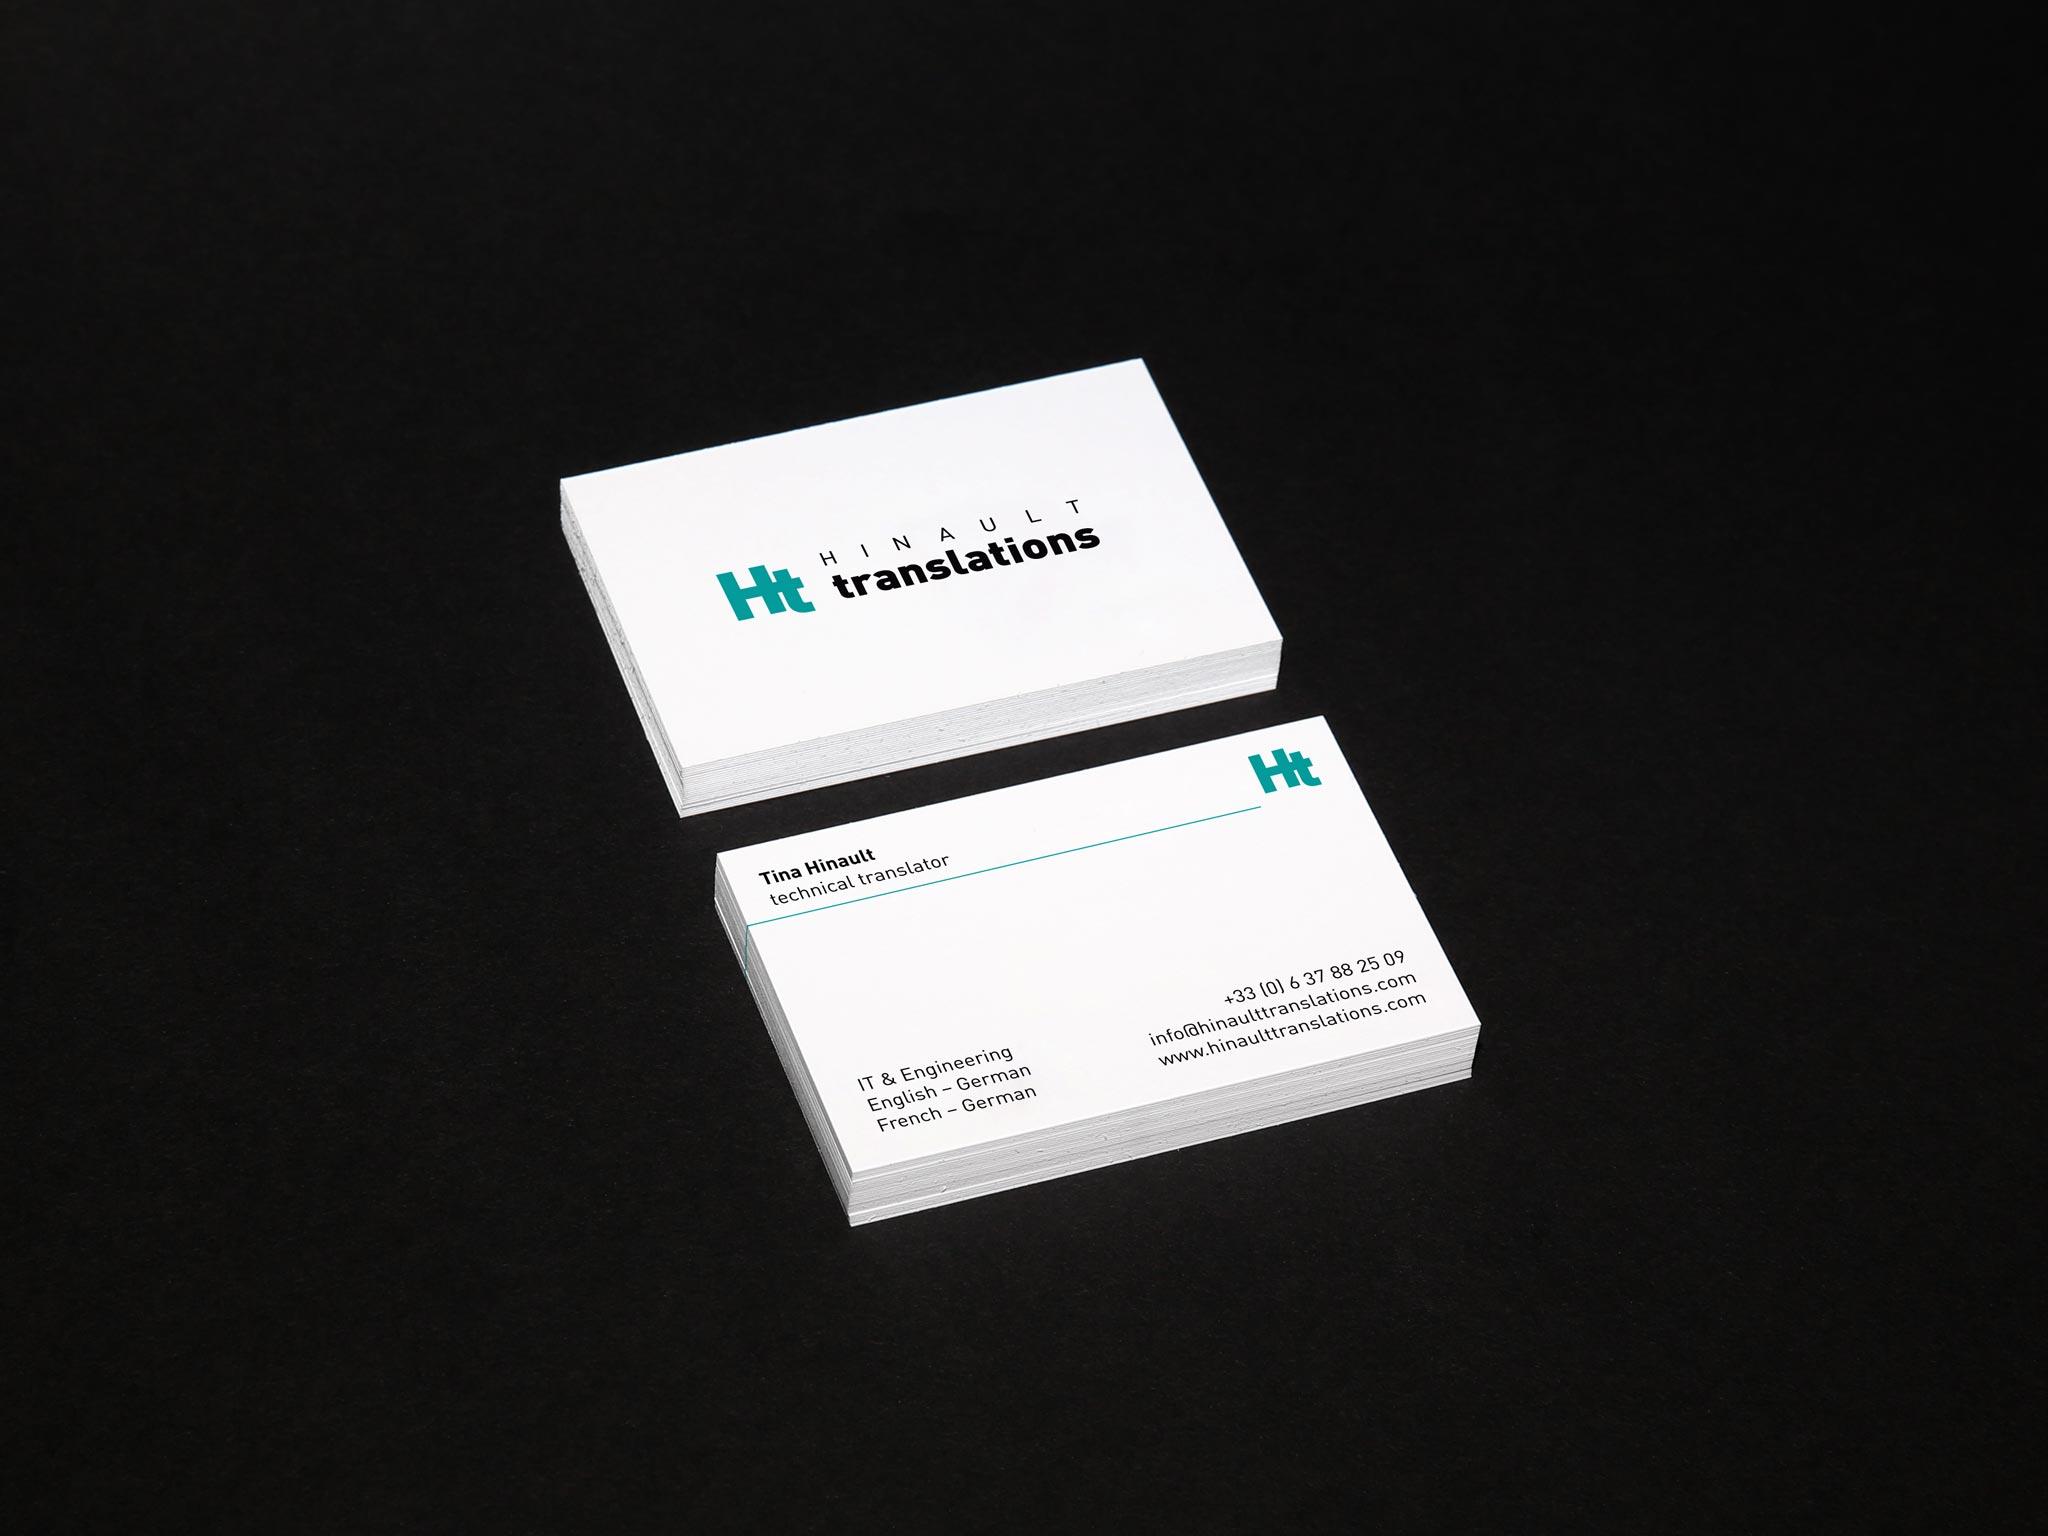 Hinault translations Visitenkarten Geschäftsausstattung Corporate Design Gesa Siebert Kommunikationsdesign